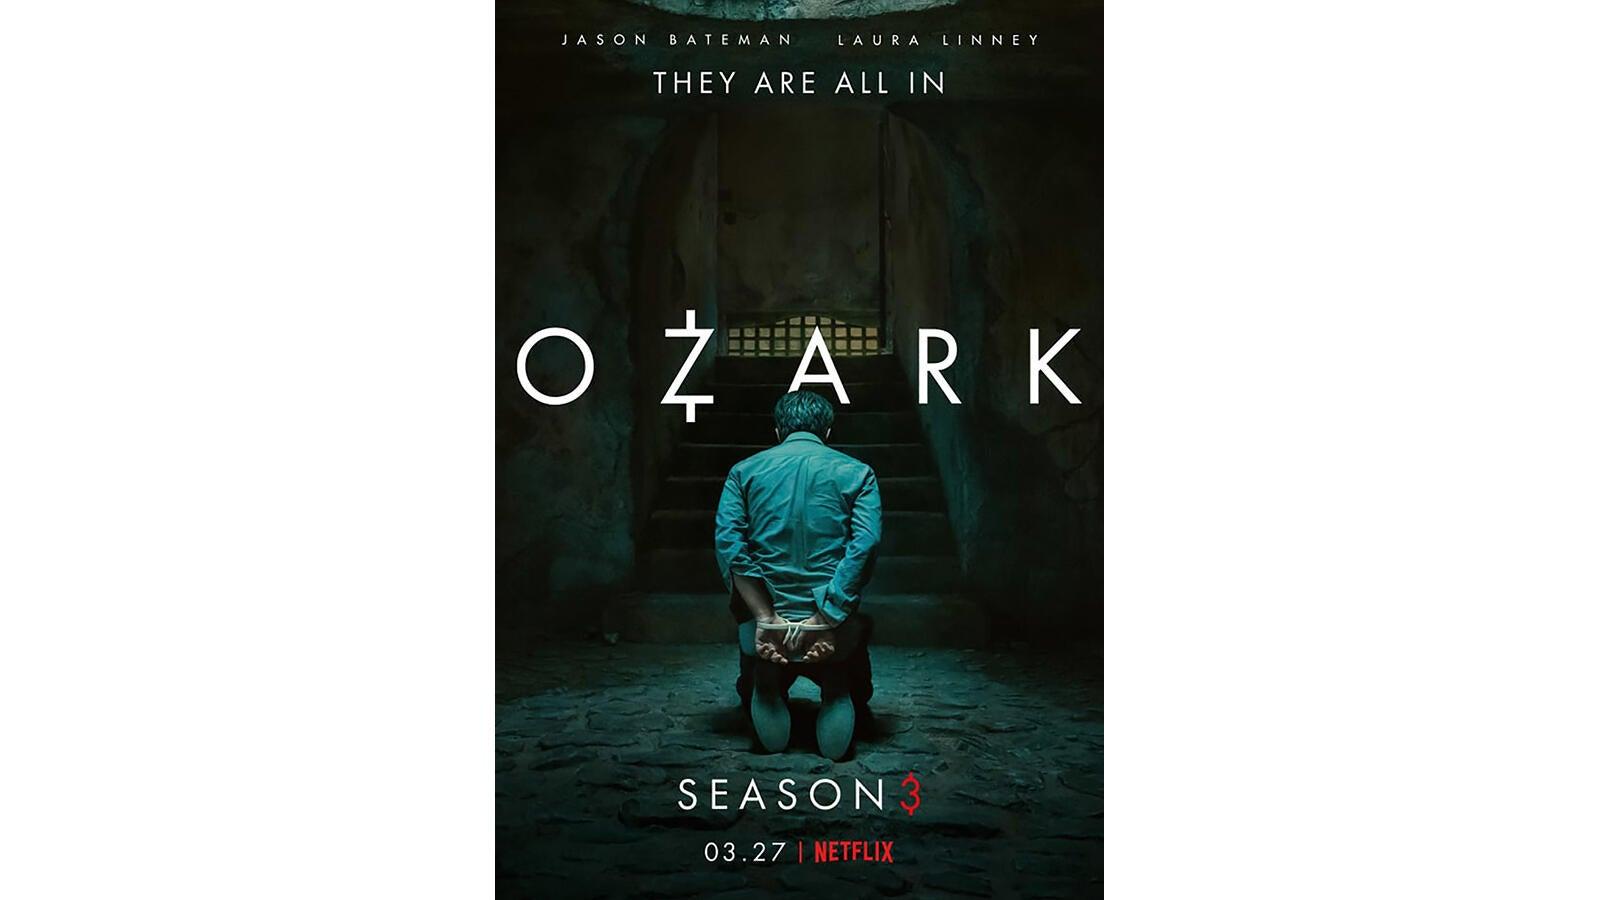 Alpha-Universe-Sony-Venice-72nd-Emmys-Ozark.jpg